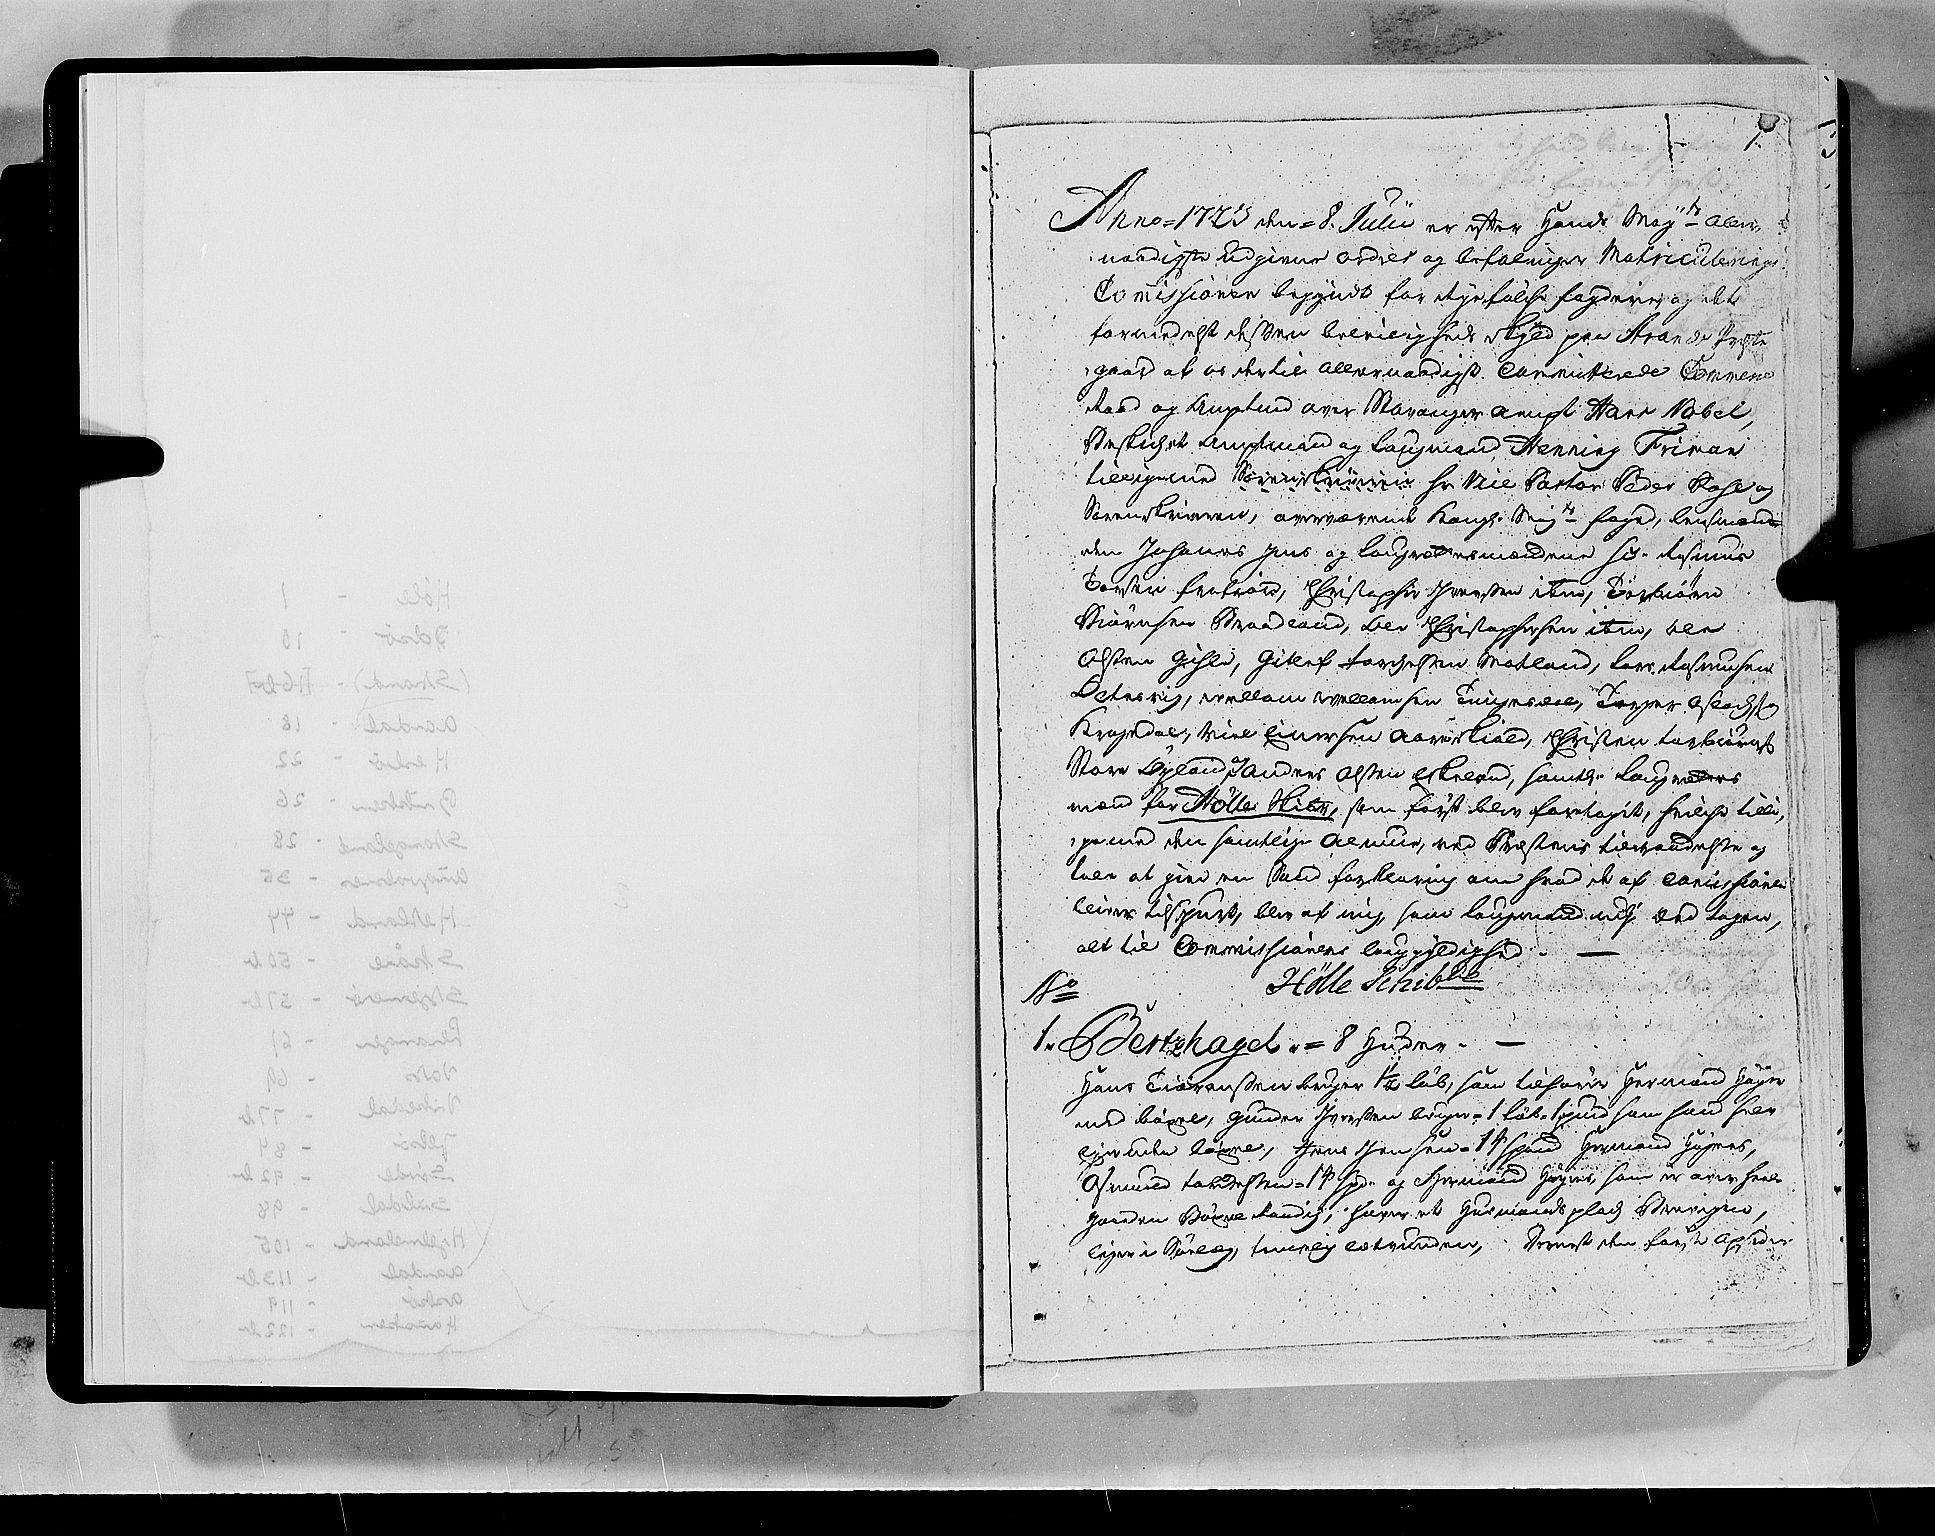 RA, Rentekammeret inntil 1814, Realistisk ordnet avdeling, N/Nb/Nbf/L0133a: Ryfylke eksaminasjonsprotokoll, 1723, s. 1a